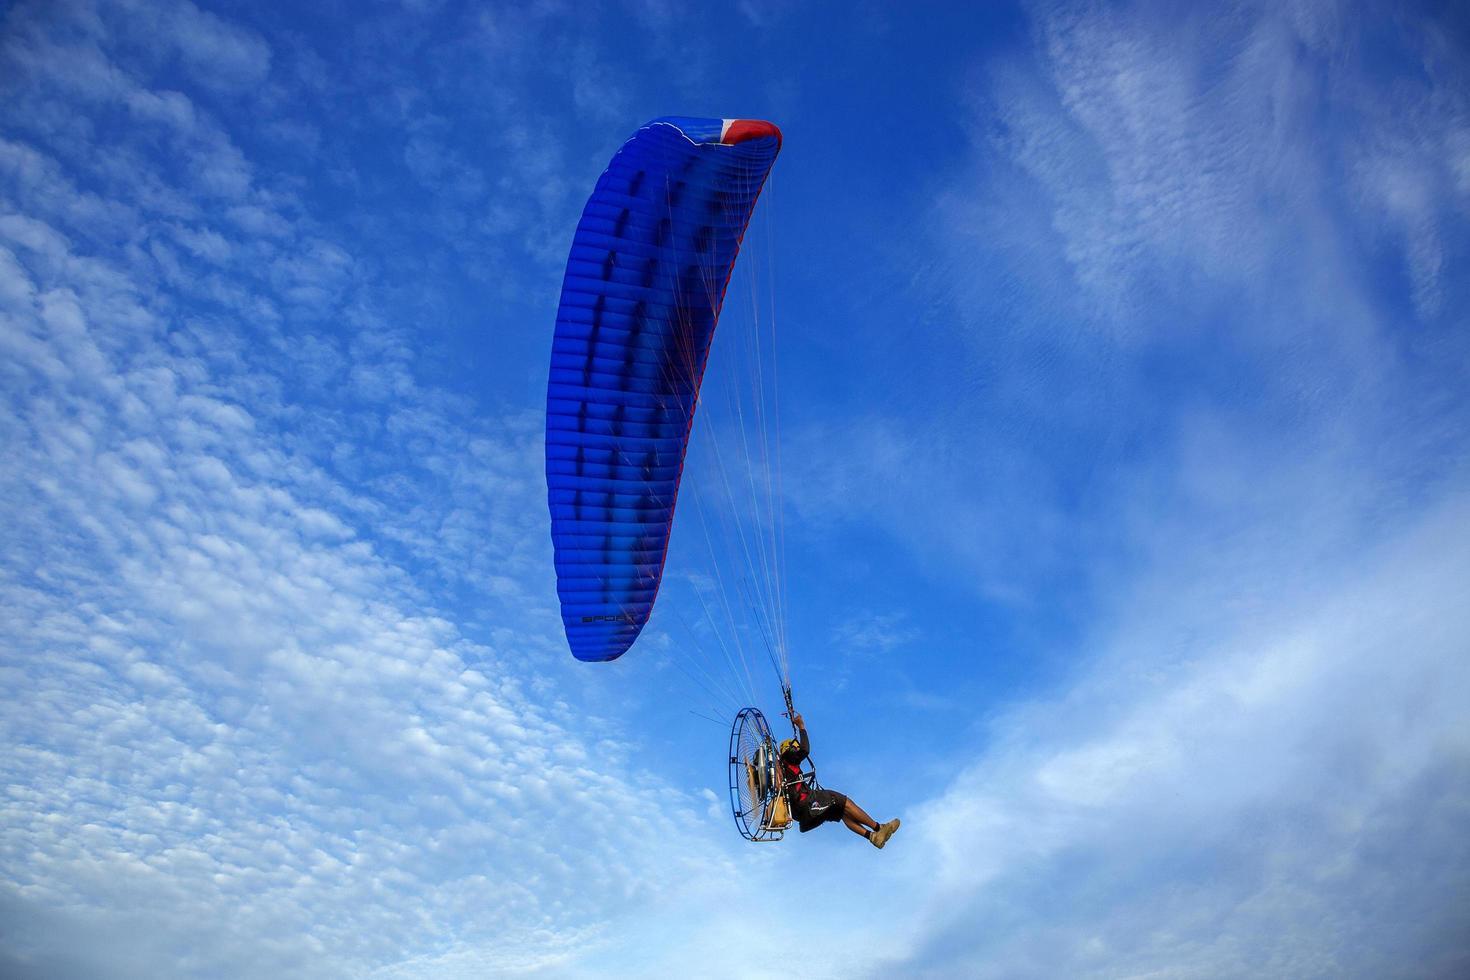 para motor sta volando nel bel cielo foto